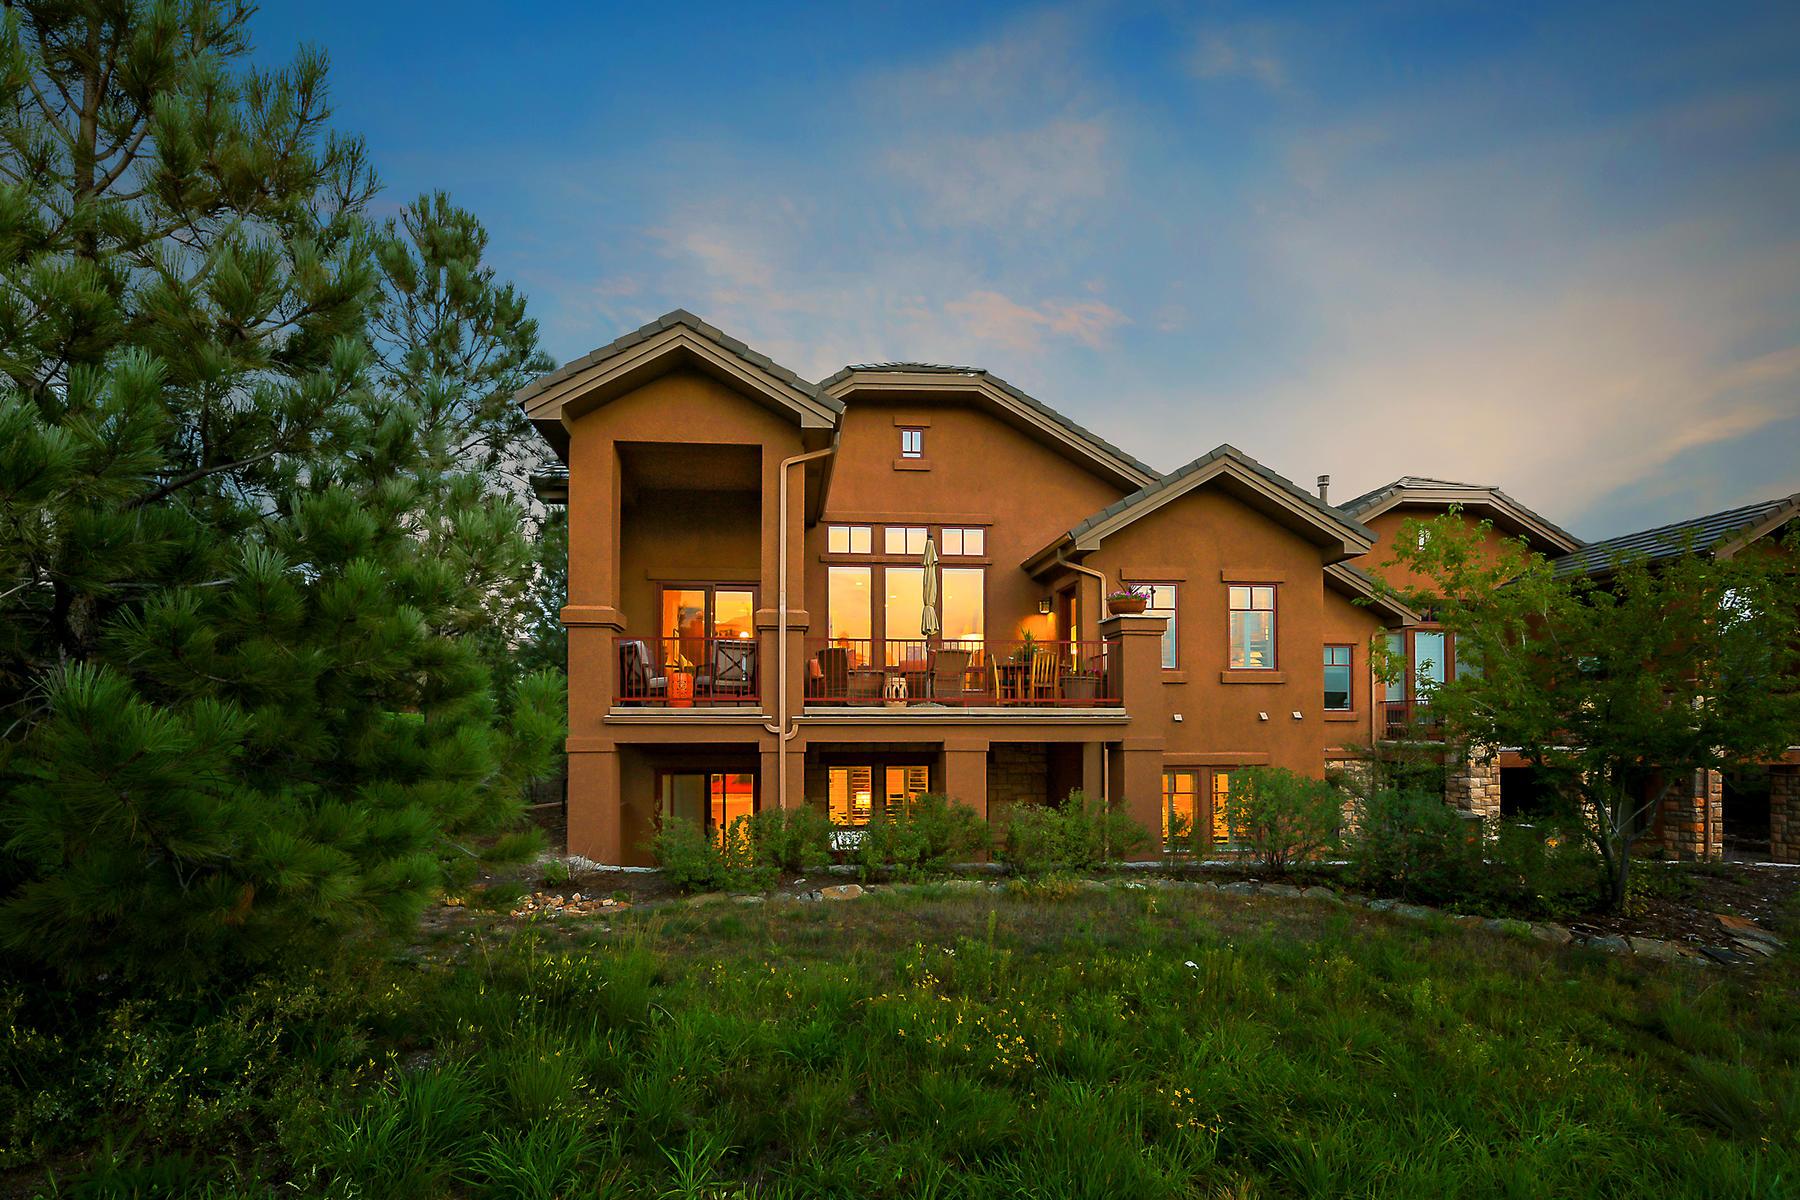 Townhouse for Active at 5160 Le Duc Dr 5160 Le Duc Dr Castle Rock, Colorado 80108 United States